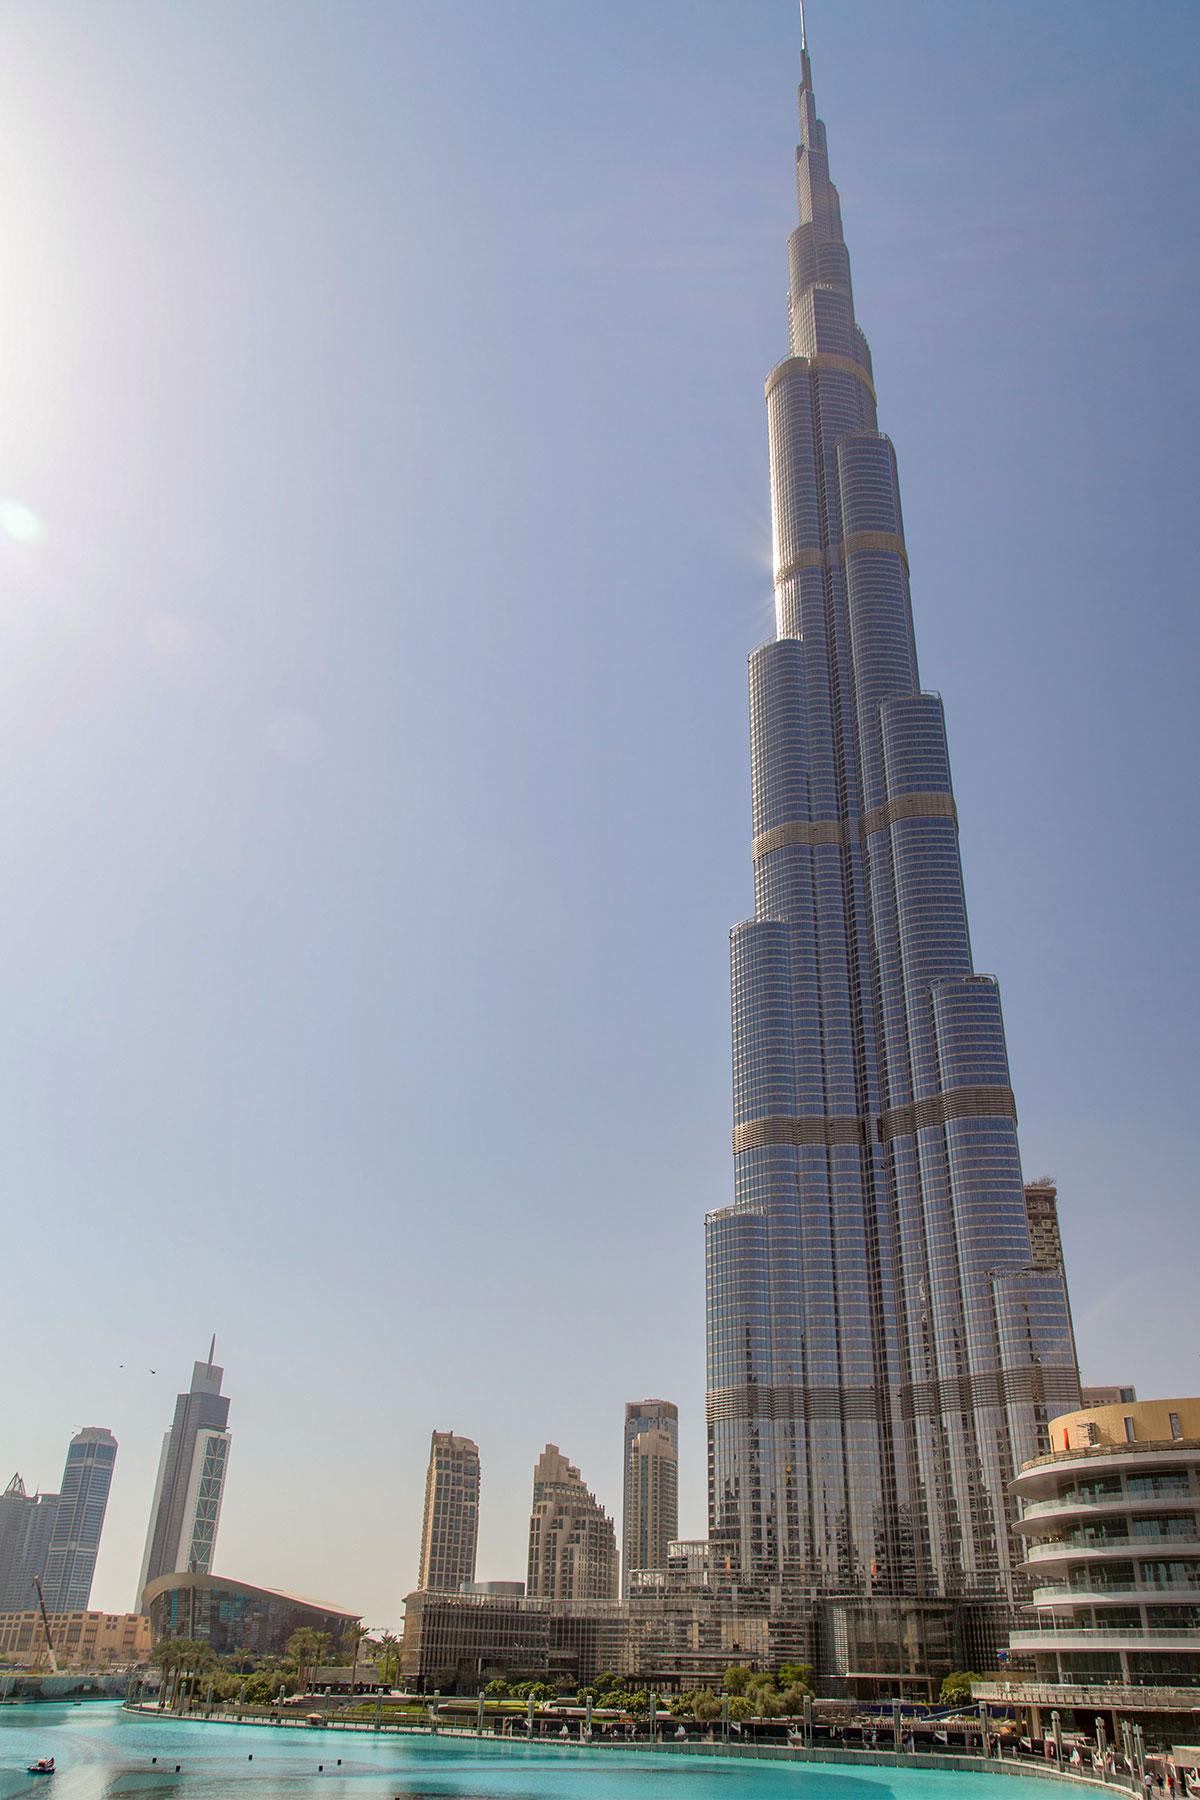 Мировым рекордсменом высоты Бурдж Халифа пробудет до ввода в строй действующих нового обладателя рекорда, здания в 1008 метров в Саудовской Аравии.